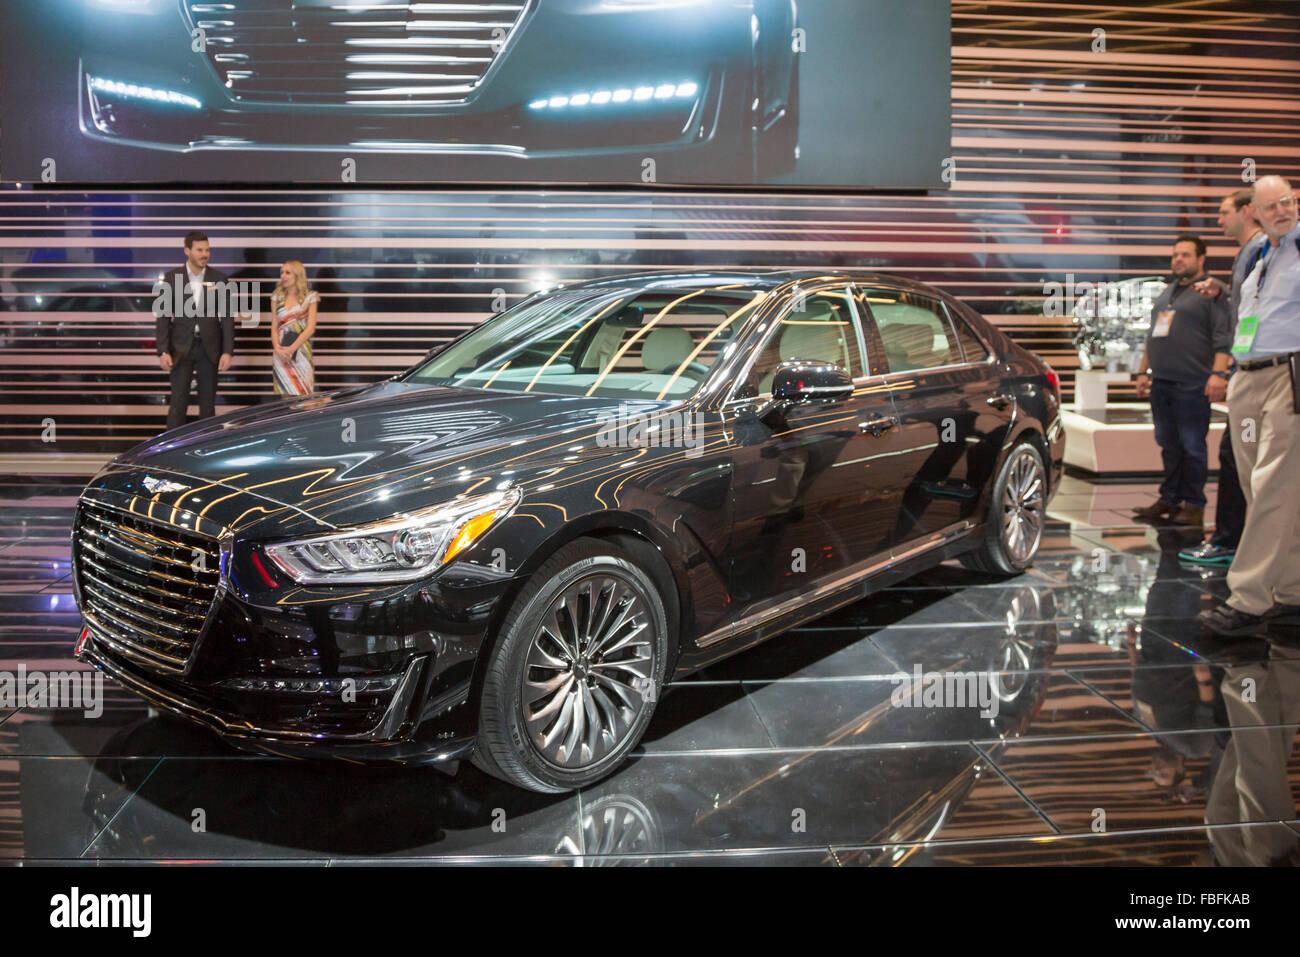 Detroit, Michigan - der Hyundai Genesis G90 auf dem Display auf der North American International Auto Show. Stockbild